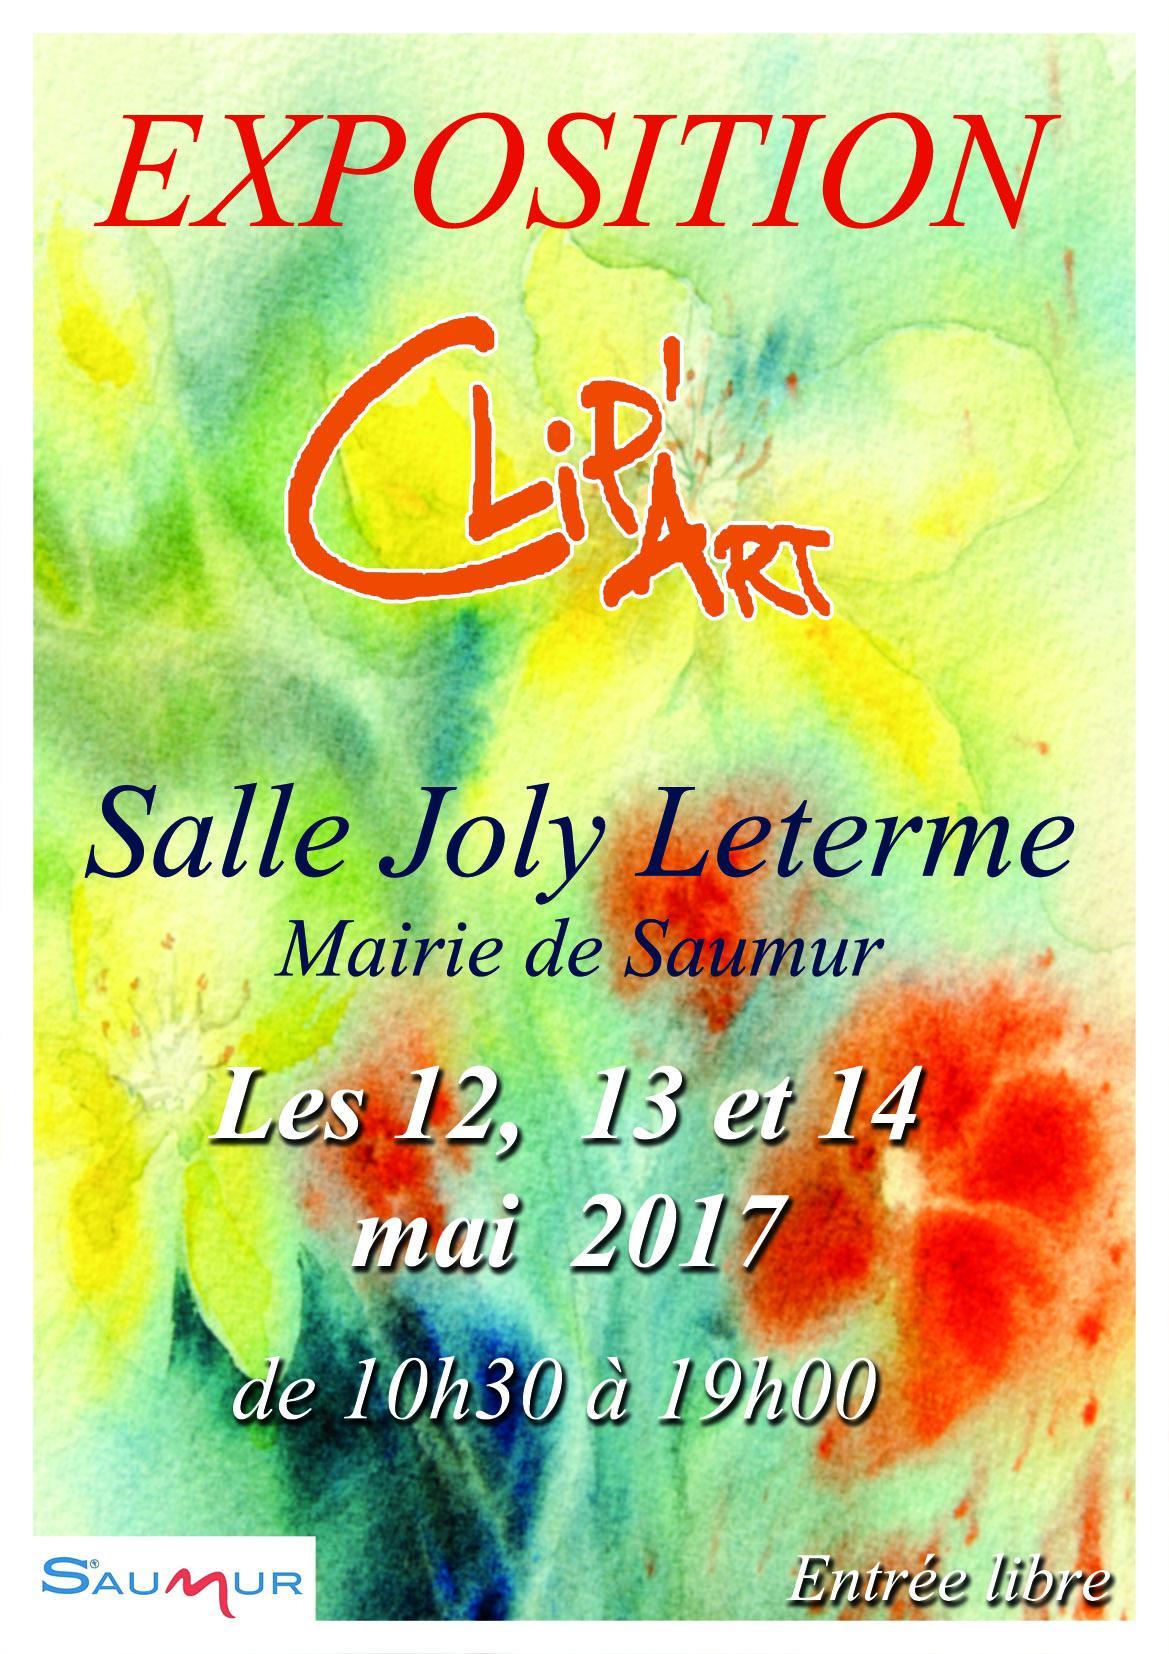 Actualité de Corinne Lelaumier Mme Exposition Clip'Art